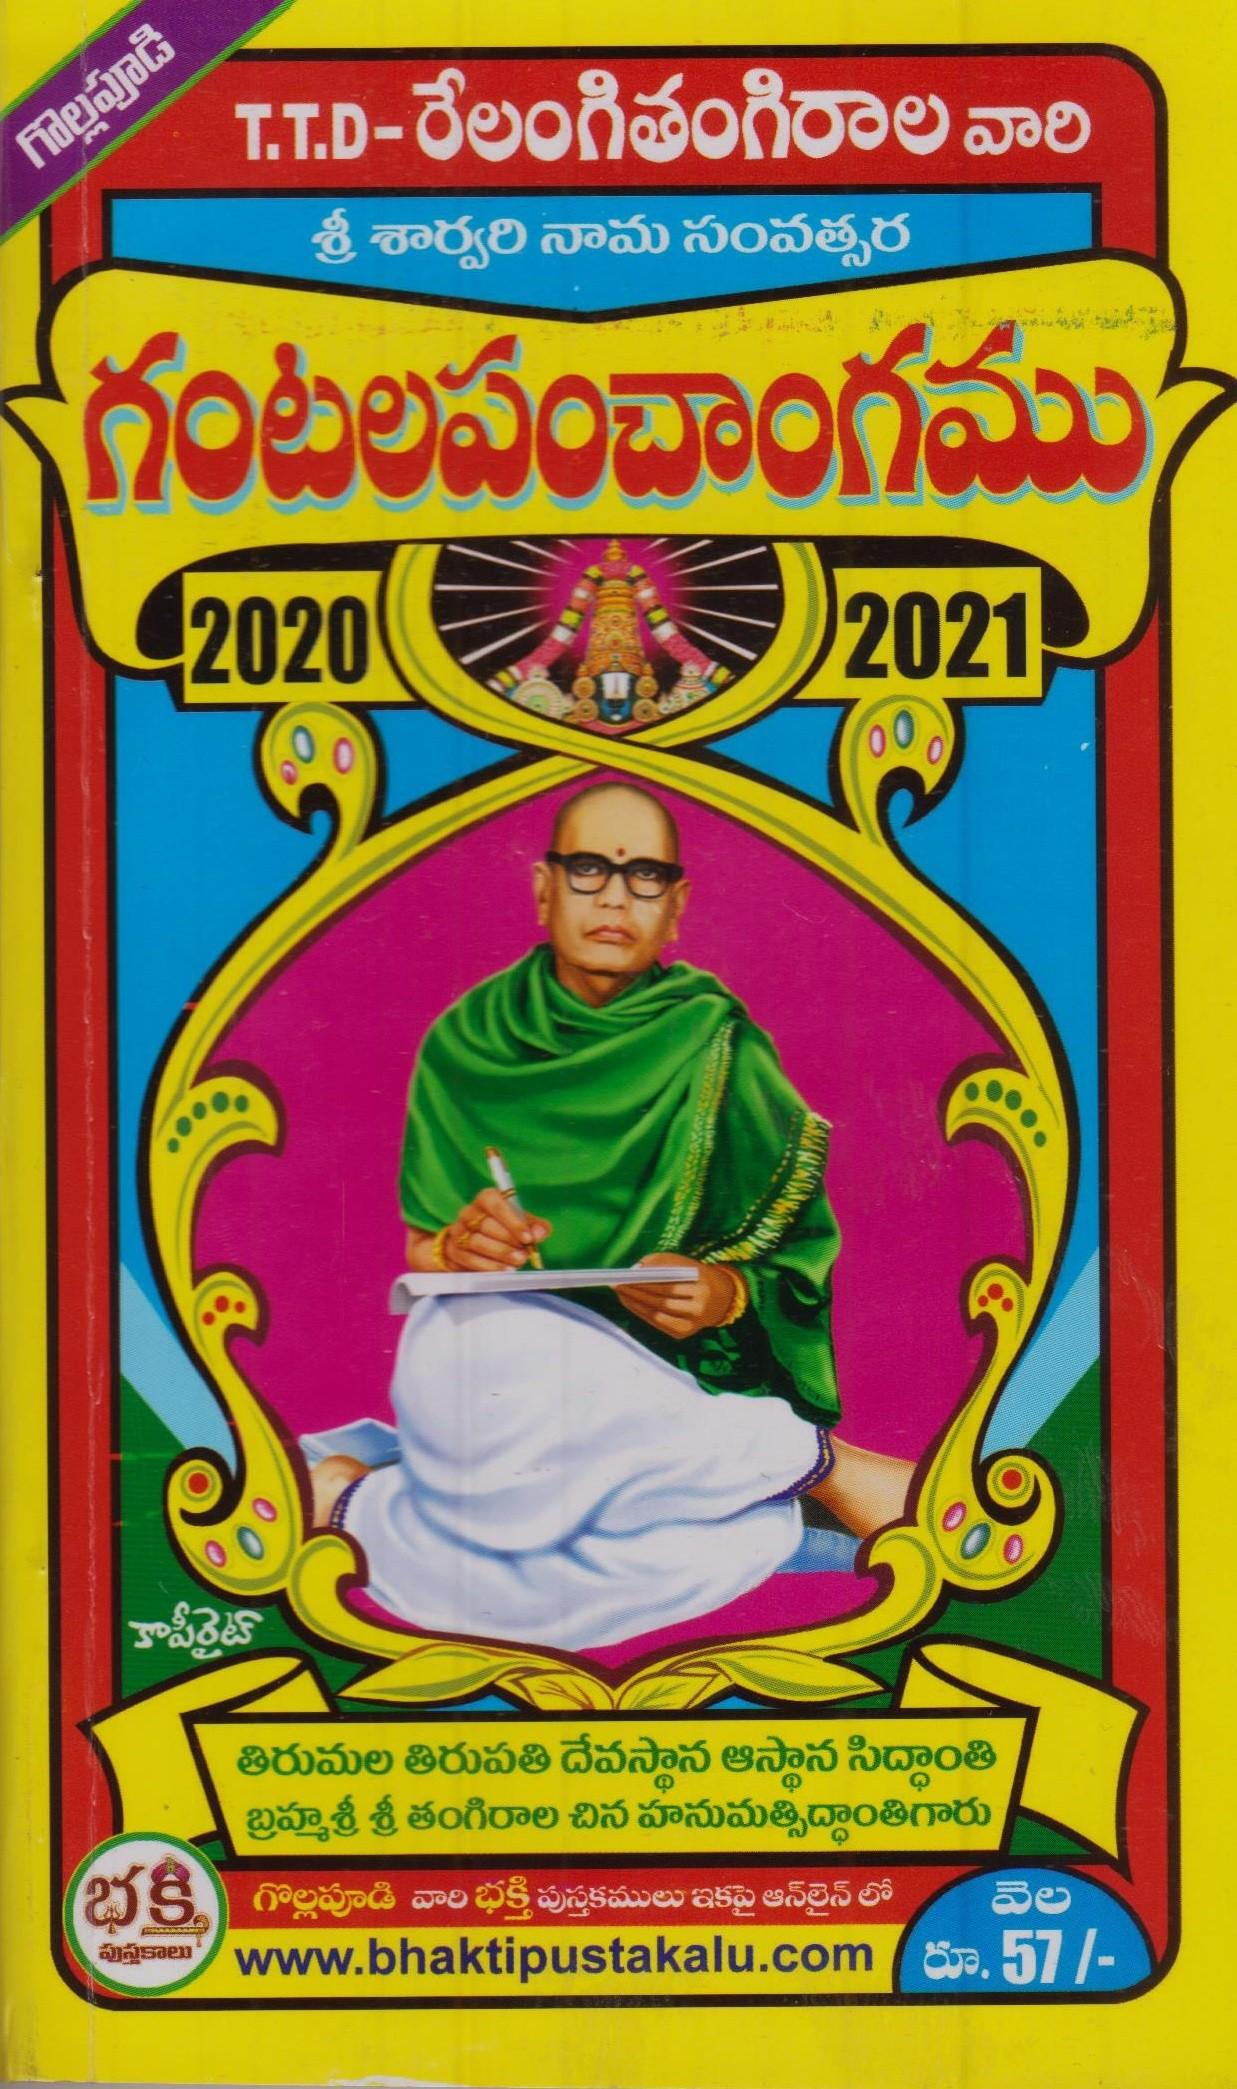 relangi-tangirala-gantala-panchangamu-2020-21-by-tangirala-prabhakara-purnaiah-sidhanthi